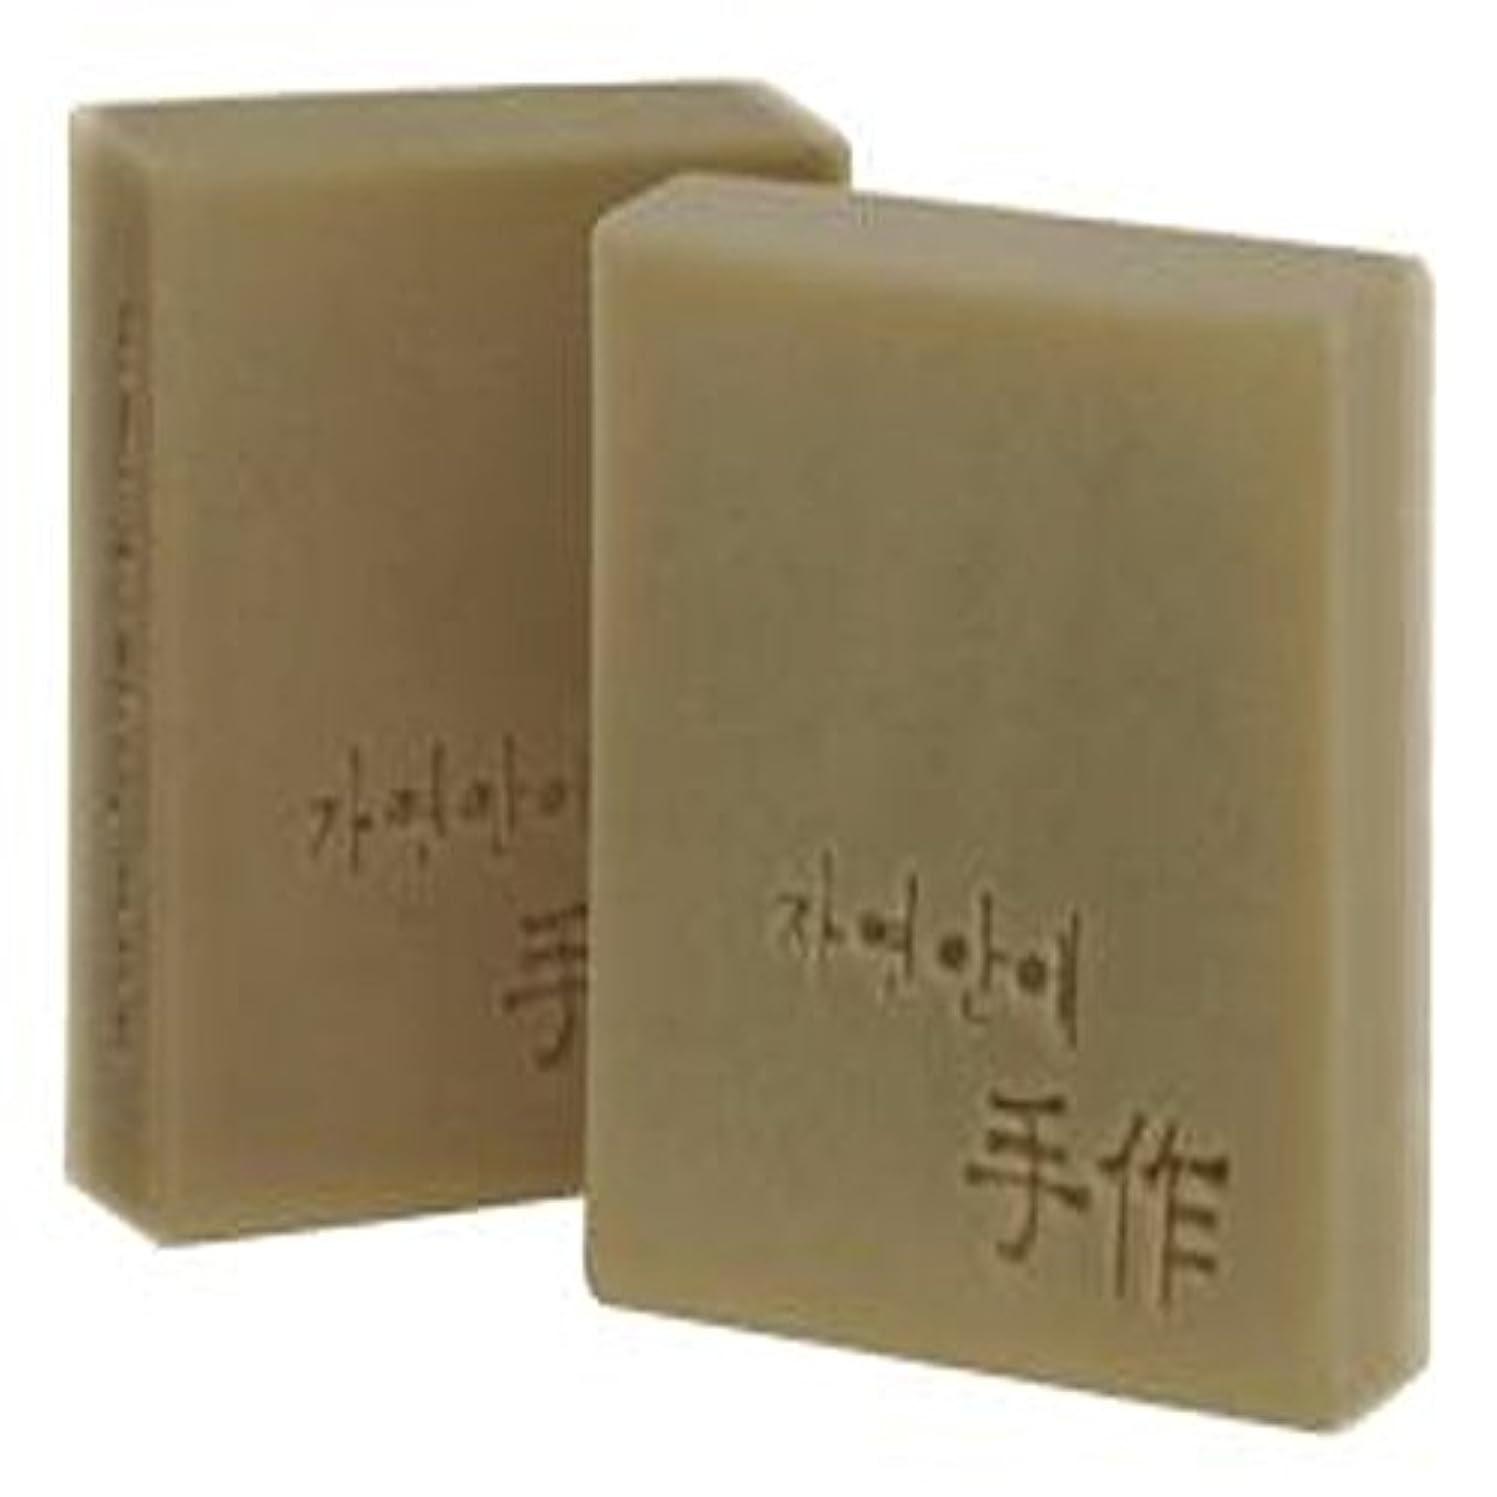 受動的桃レザーNatural organic 有機天然ソープ 固形 無添加 洗顔せっけんクレンジング 石鹸 [並行輸入品] (オートミール)